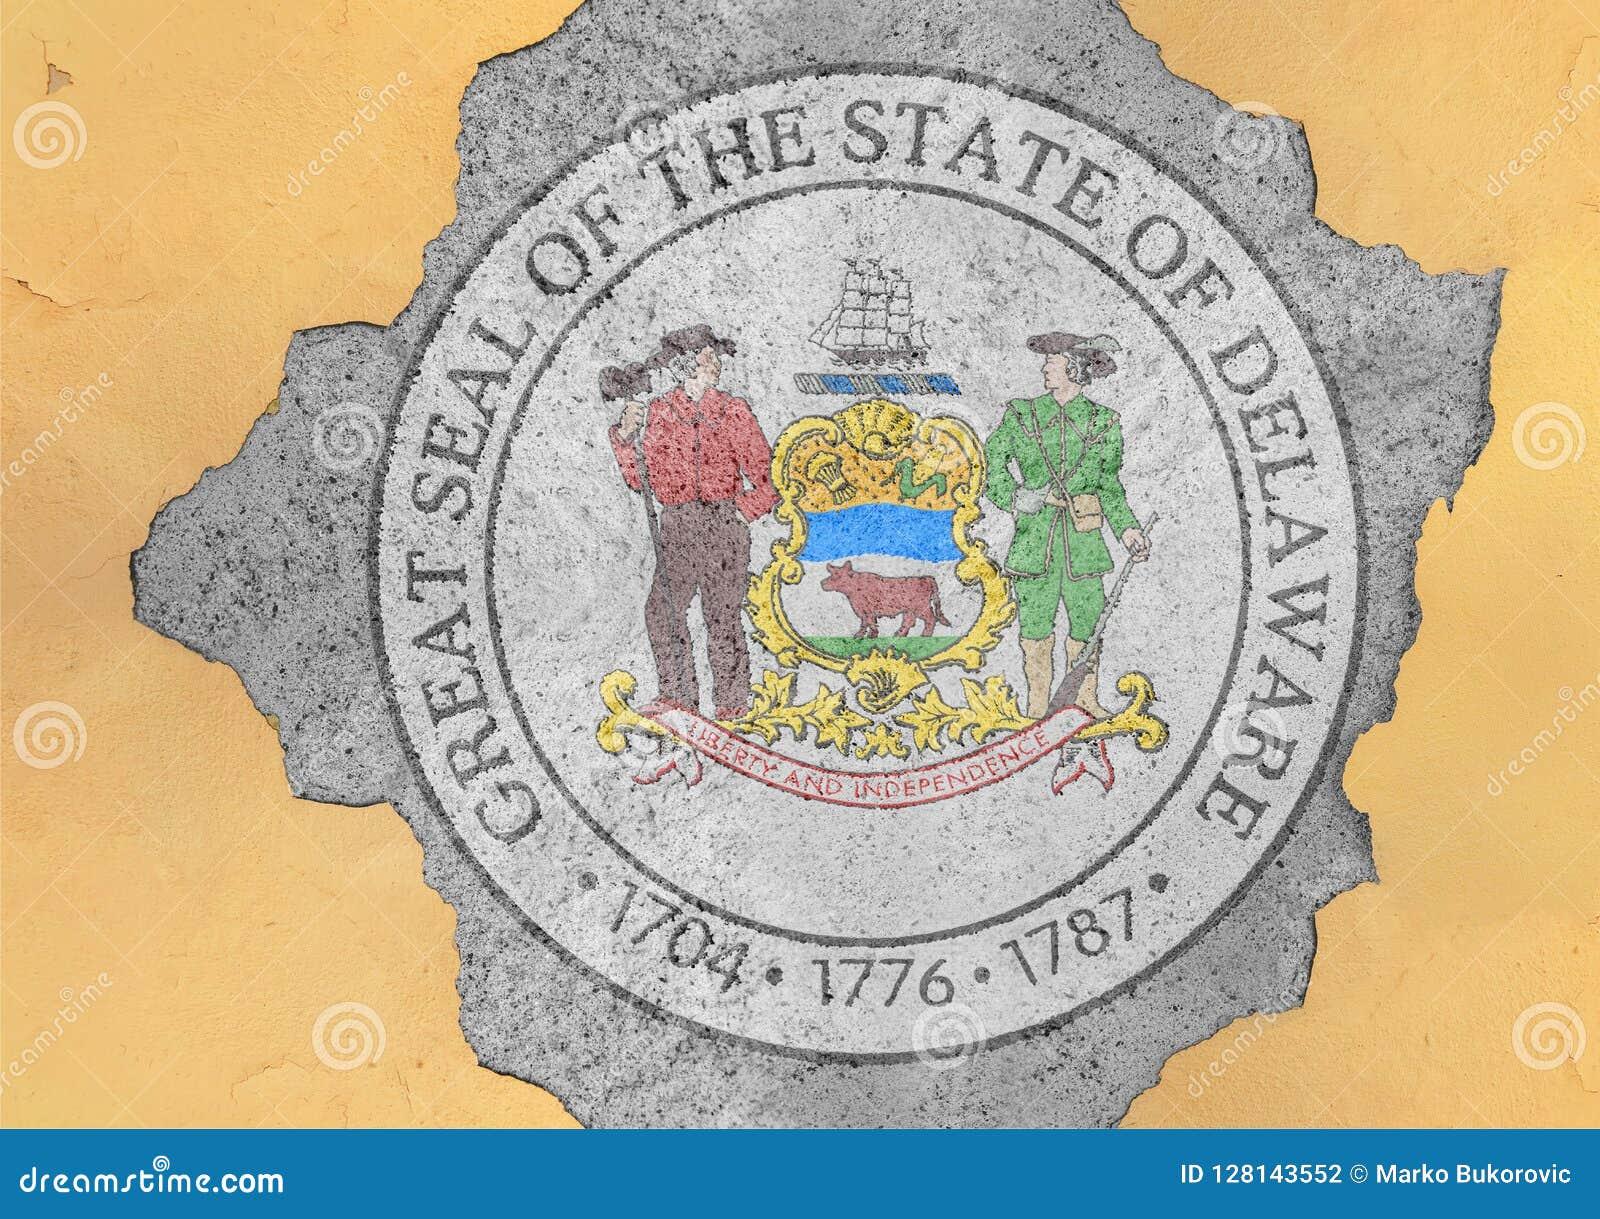 Agujero agrietado con el extracto de la bandera del sello de Delaware del estado de los E.E.U.U. en fachada